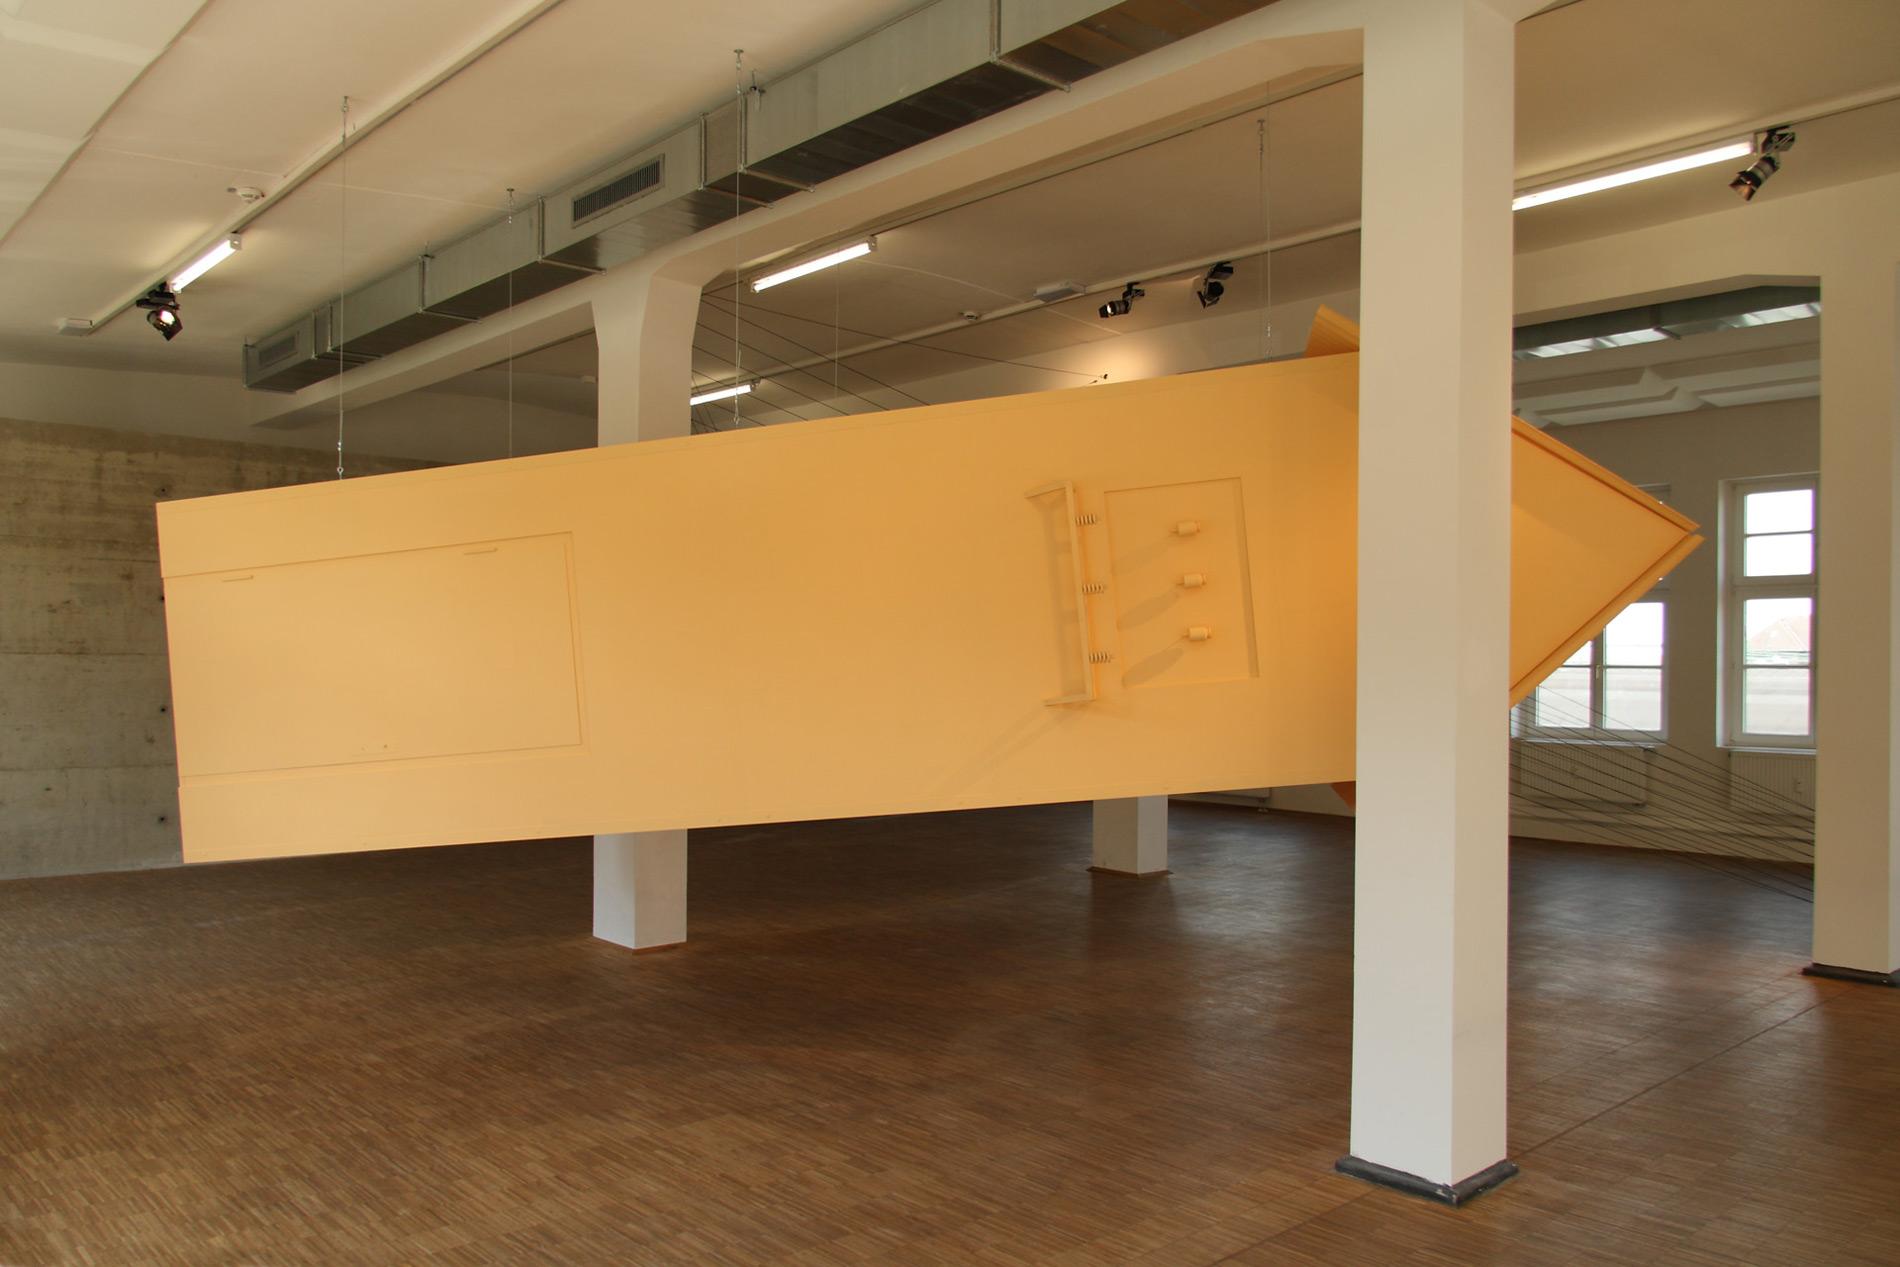 Michael Göbel - Transformatorenturm (aus der Serie der Gedankengebäude), 2013